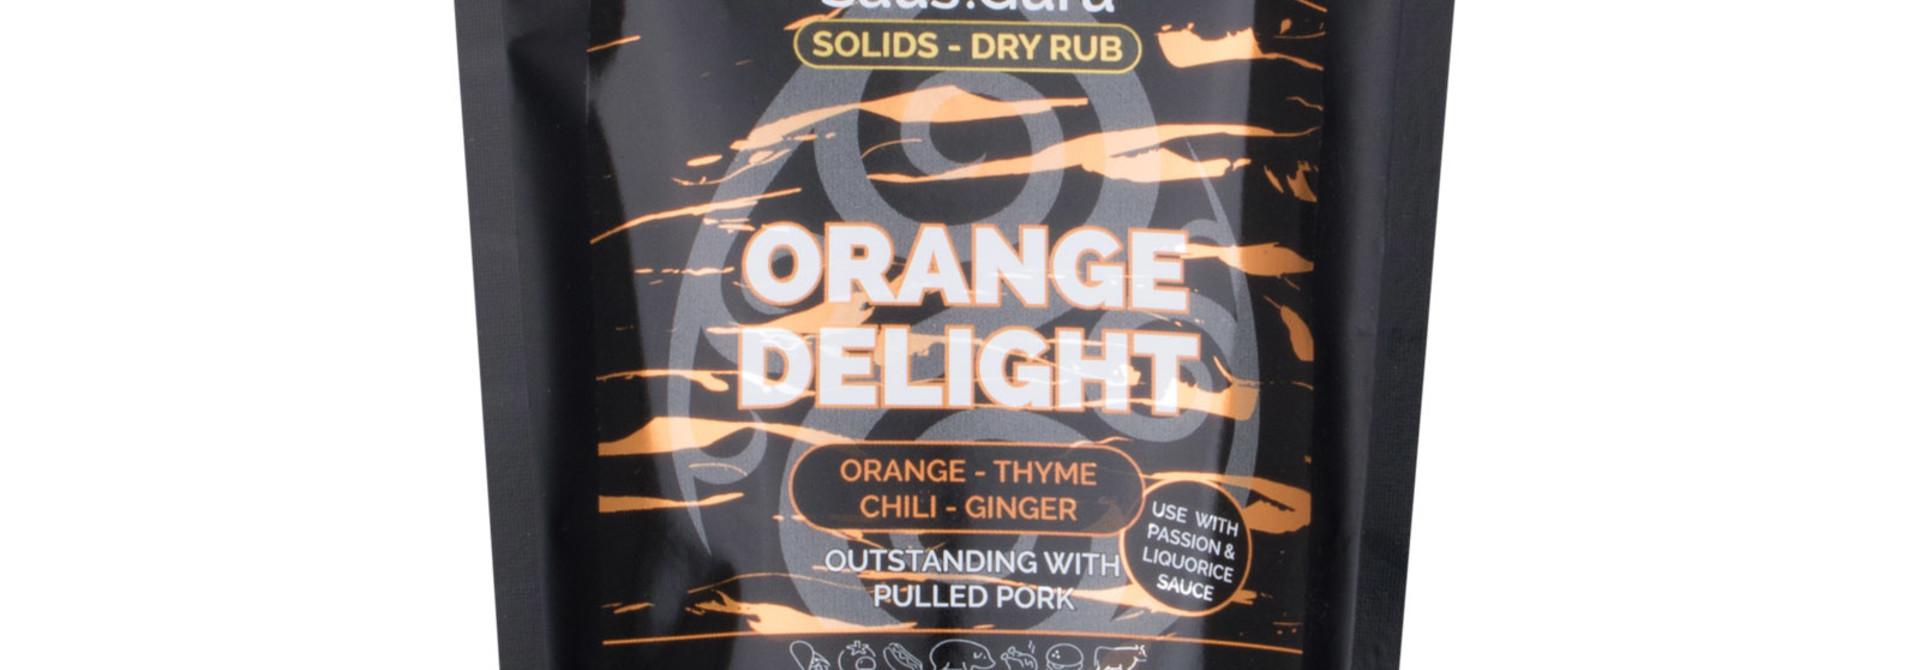 Saus.Guru's Orange Delight